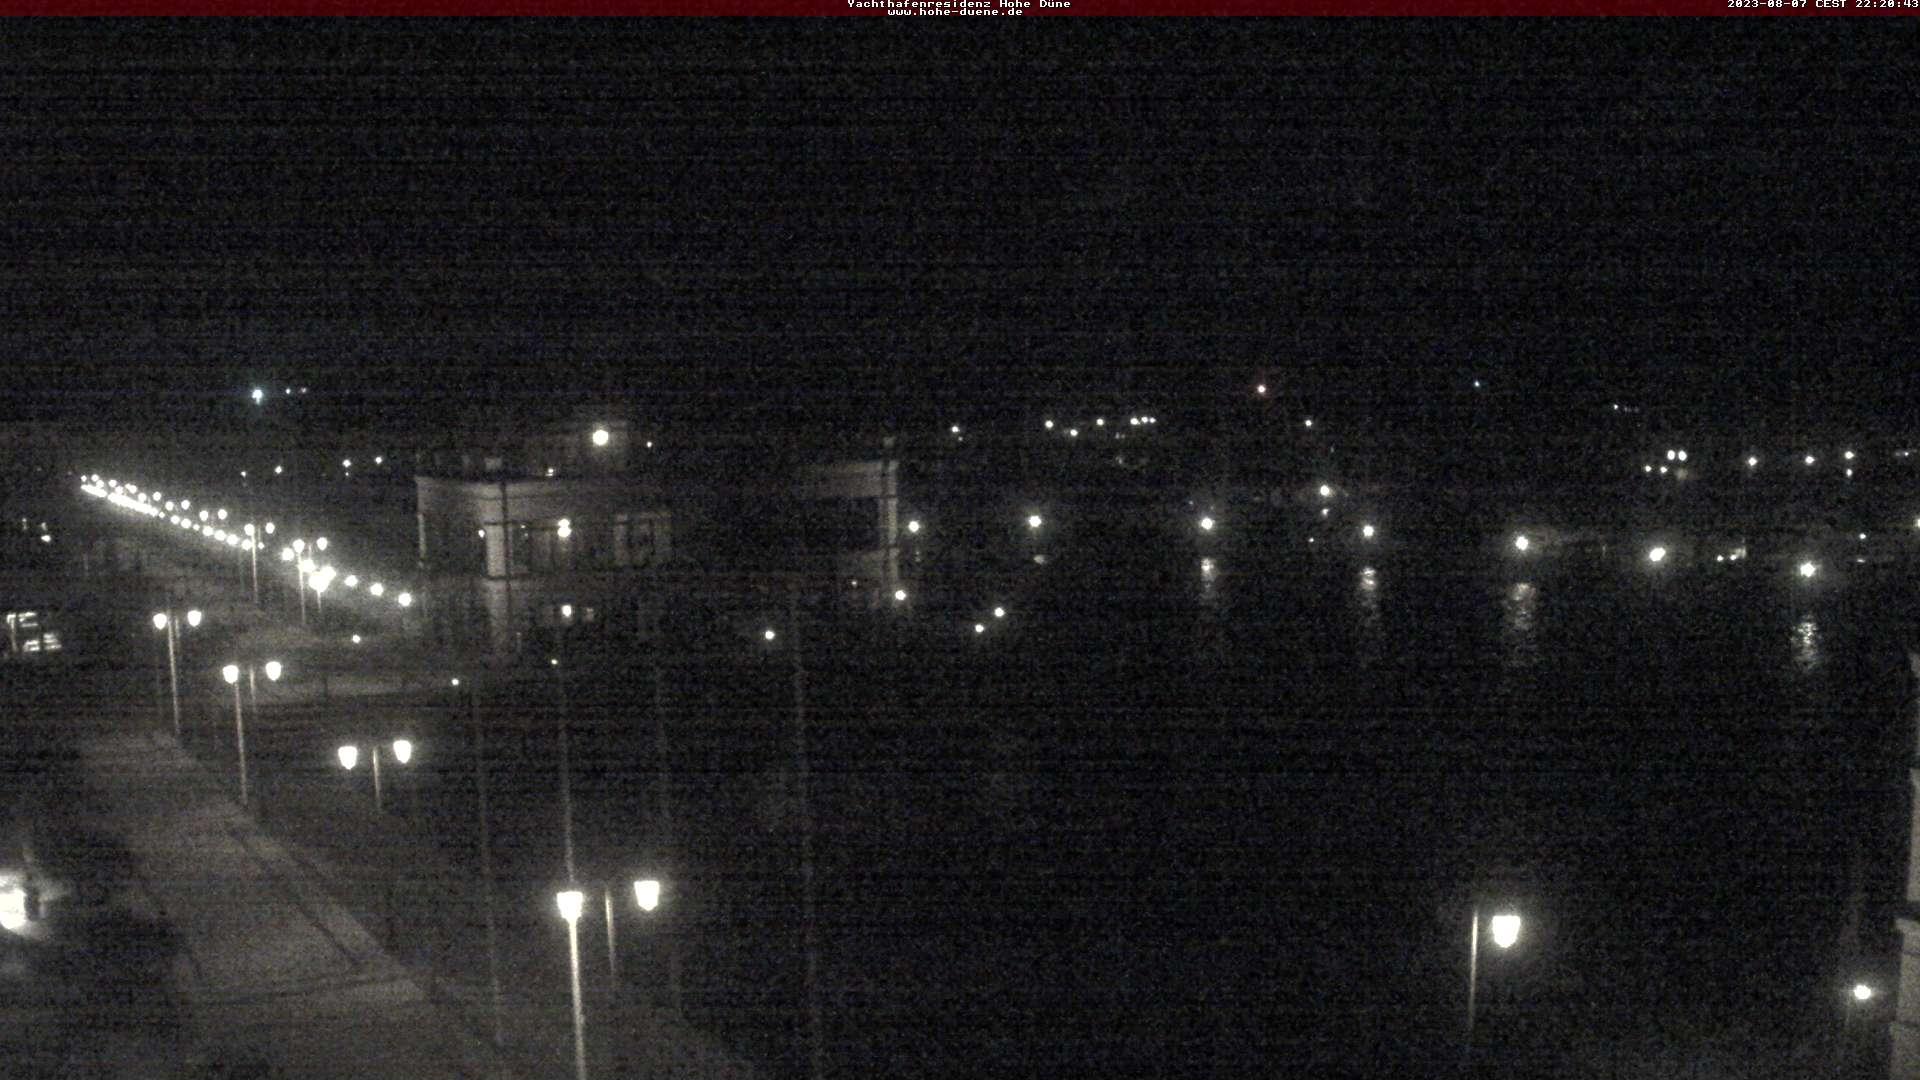 Webcam vom Dach der Yachthafen Residenz Richtung Yachthafen Hohe Düne